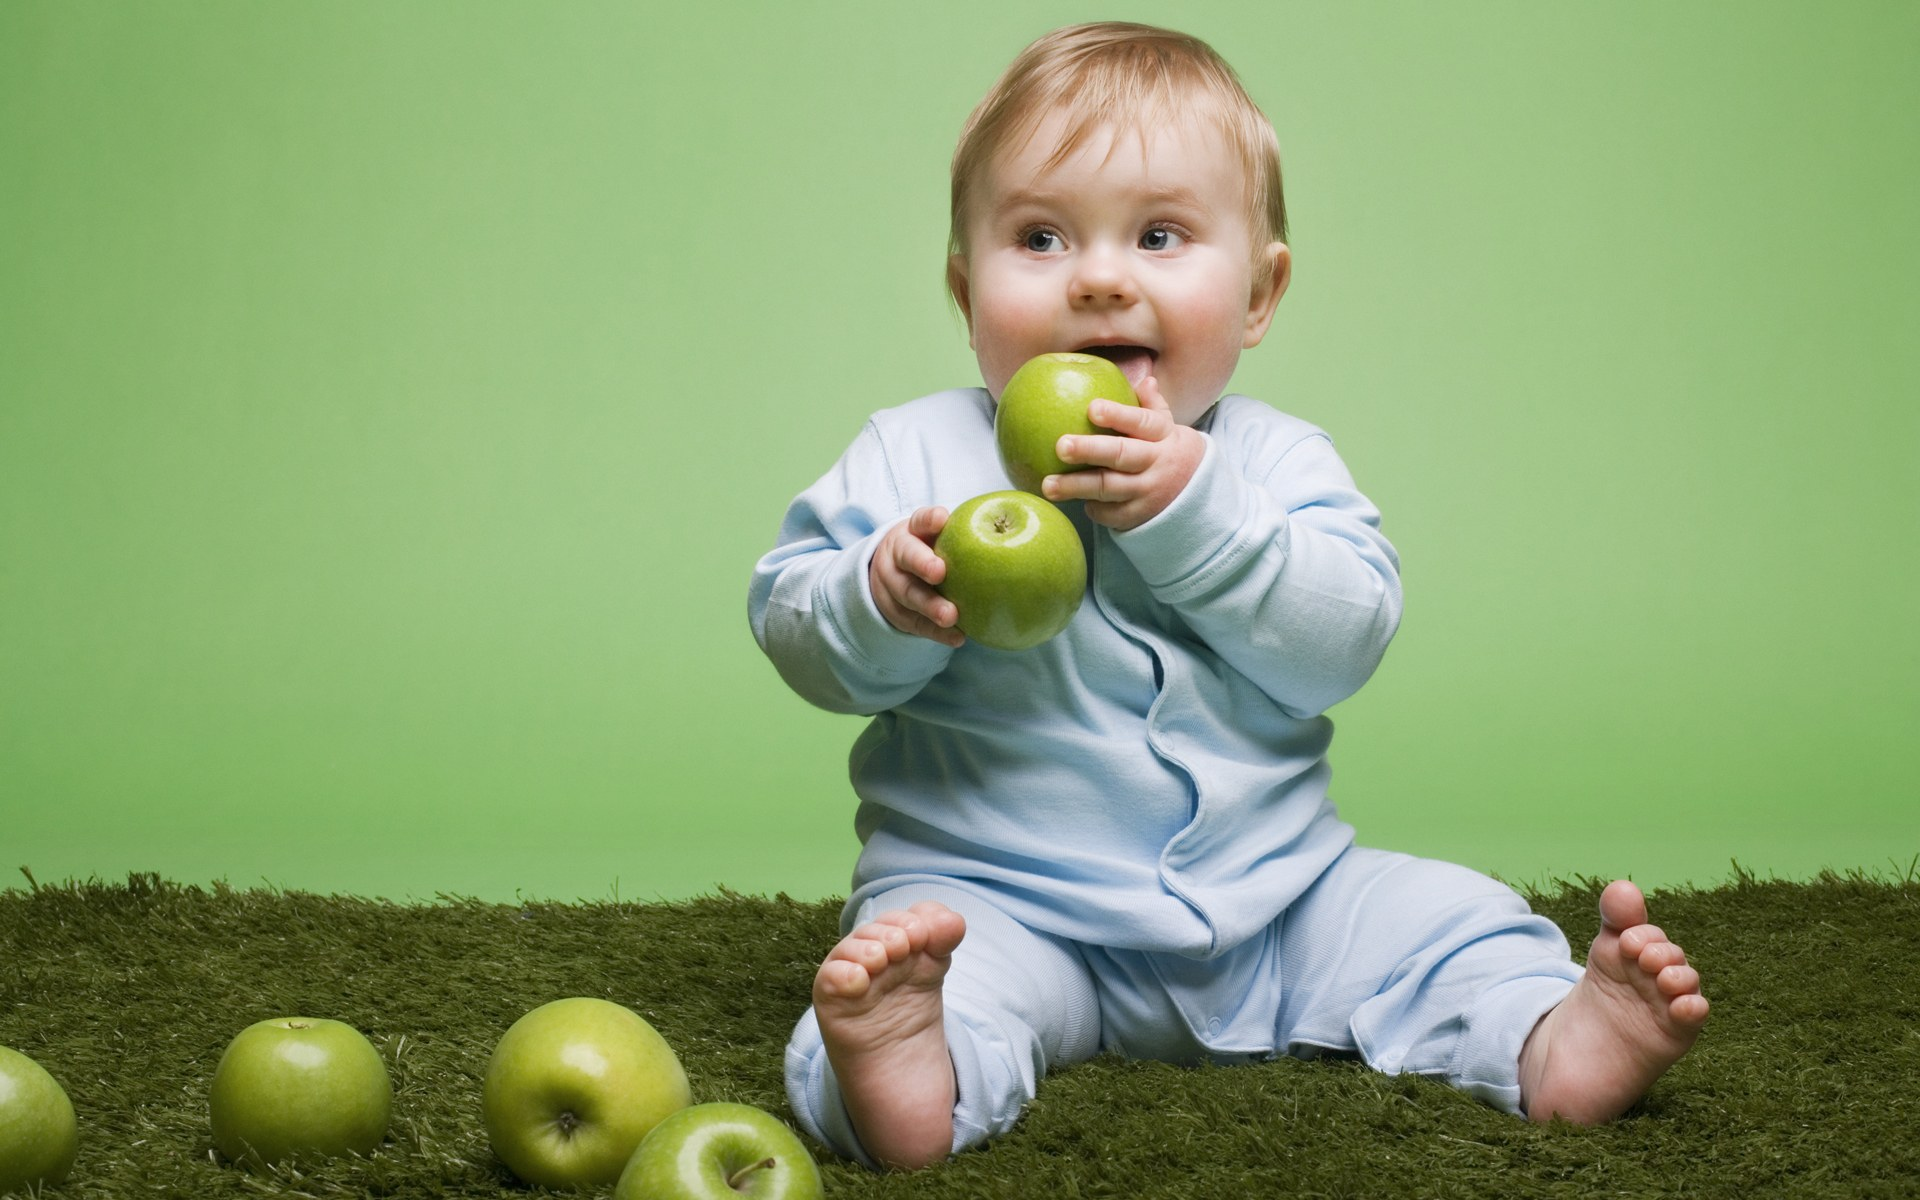 Состояния у детей, обусловленные дефицитом железа. Лечение и профилактика